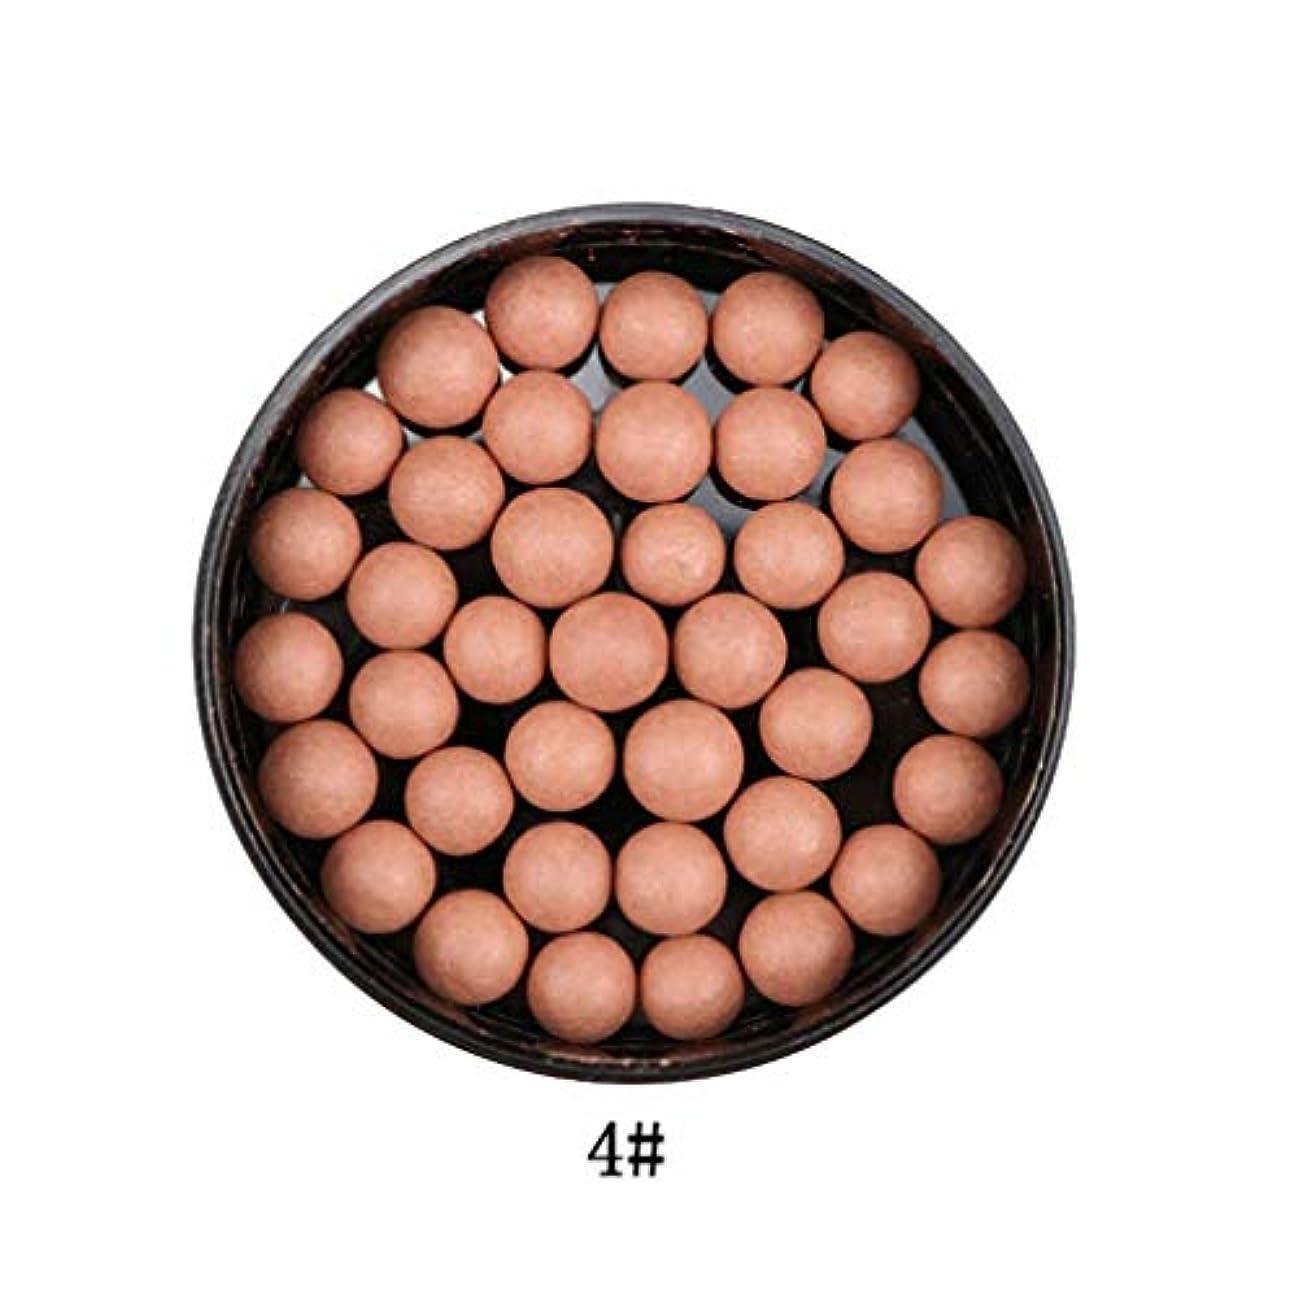 エレベーターフックシャーク3では1ポータブルブラッシュロングラスティング顔料マットナチュラルフェイスブラッシュボールオイルコントロール輪郭ブラッシュブロンザー